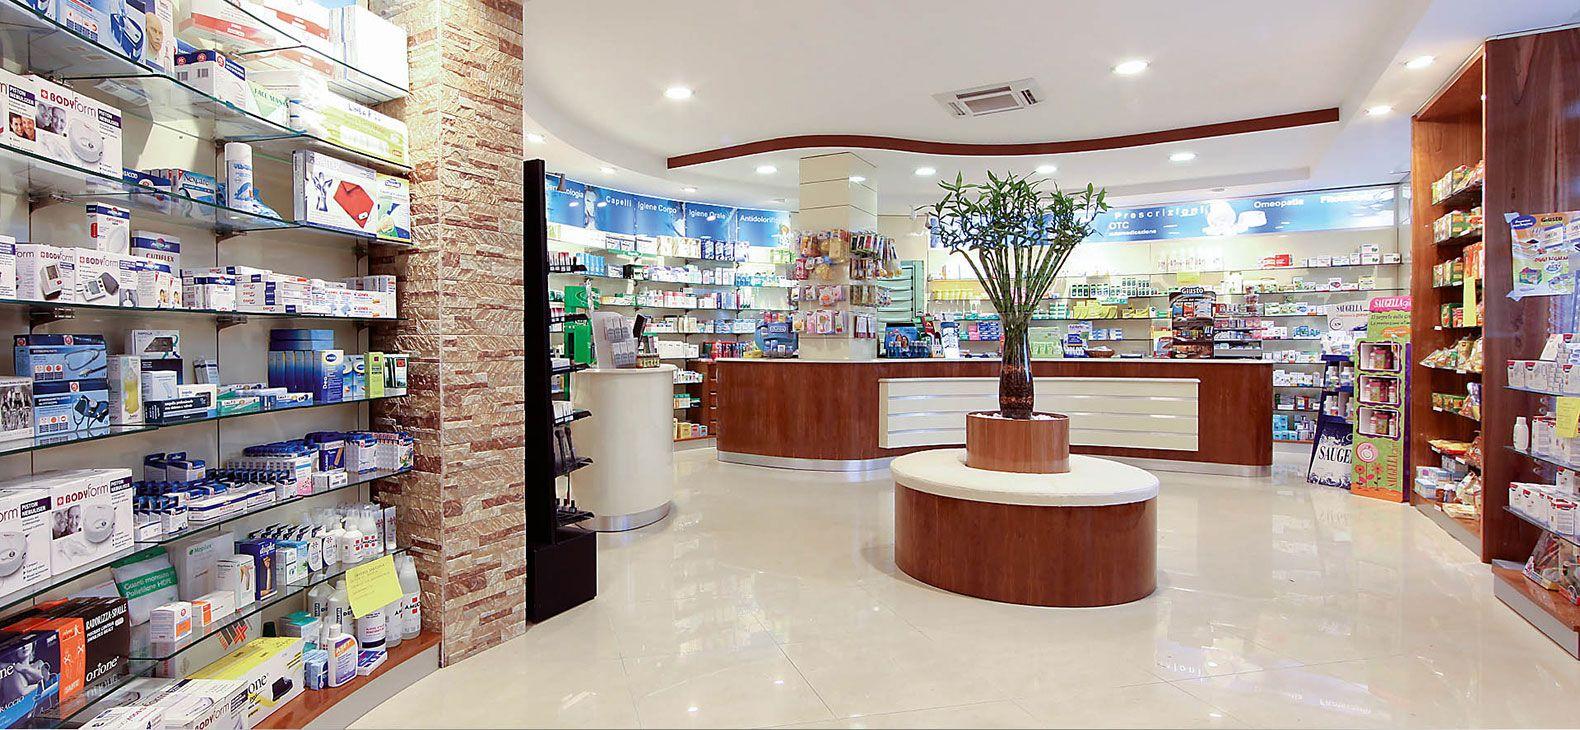 In vendita la farmacia comunale di spinea la piazzaweb for Arredamenti per parafarmacie